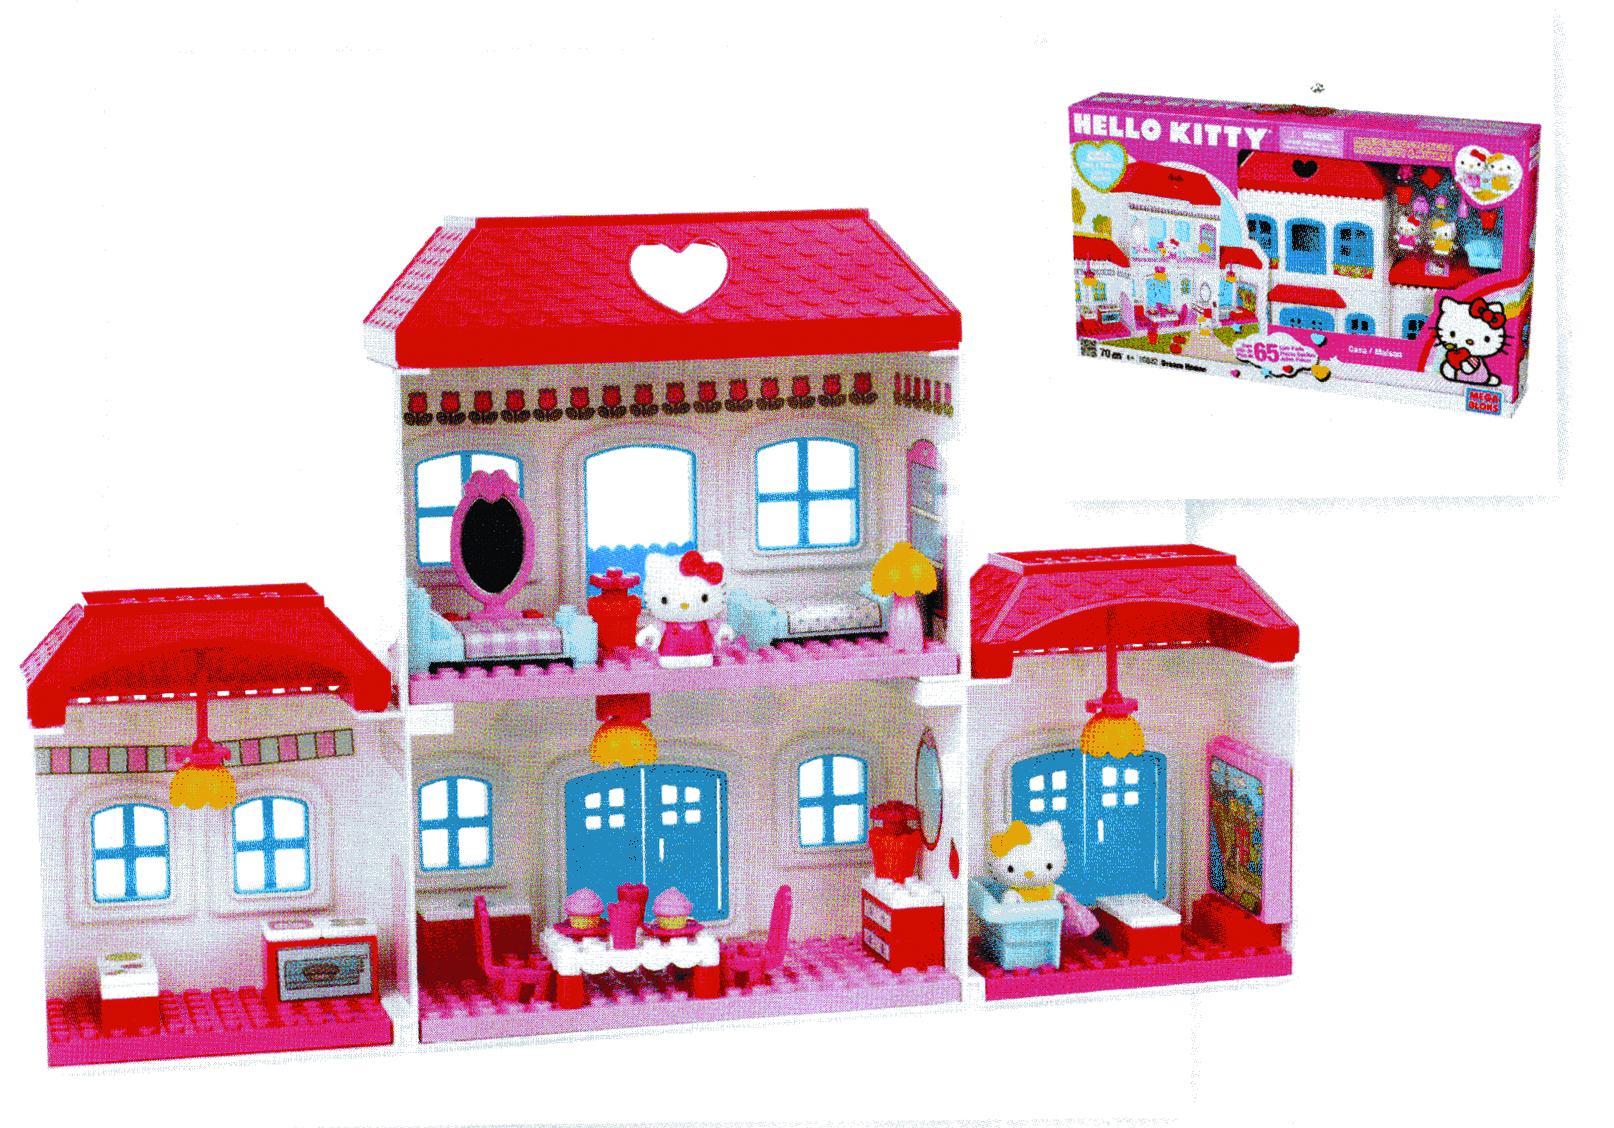 May121738 Mega Bloks Hello Kitty Dream House Set